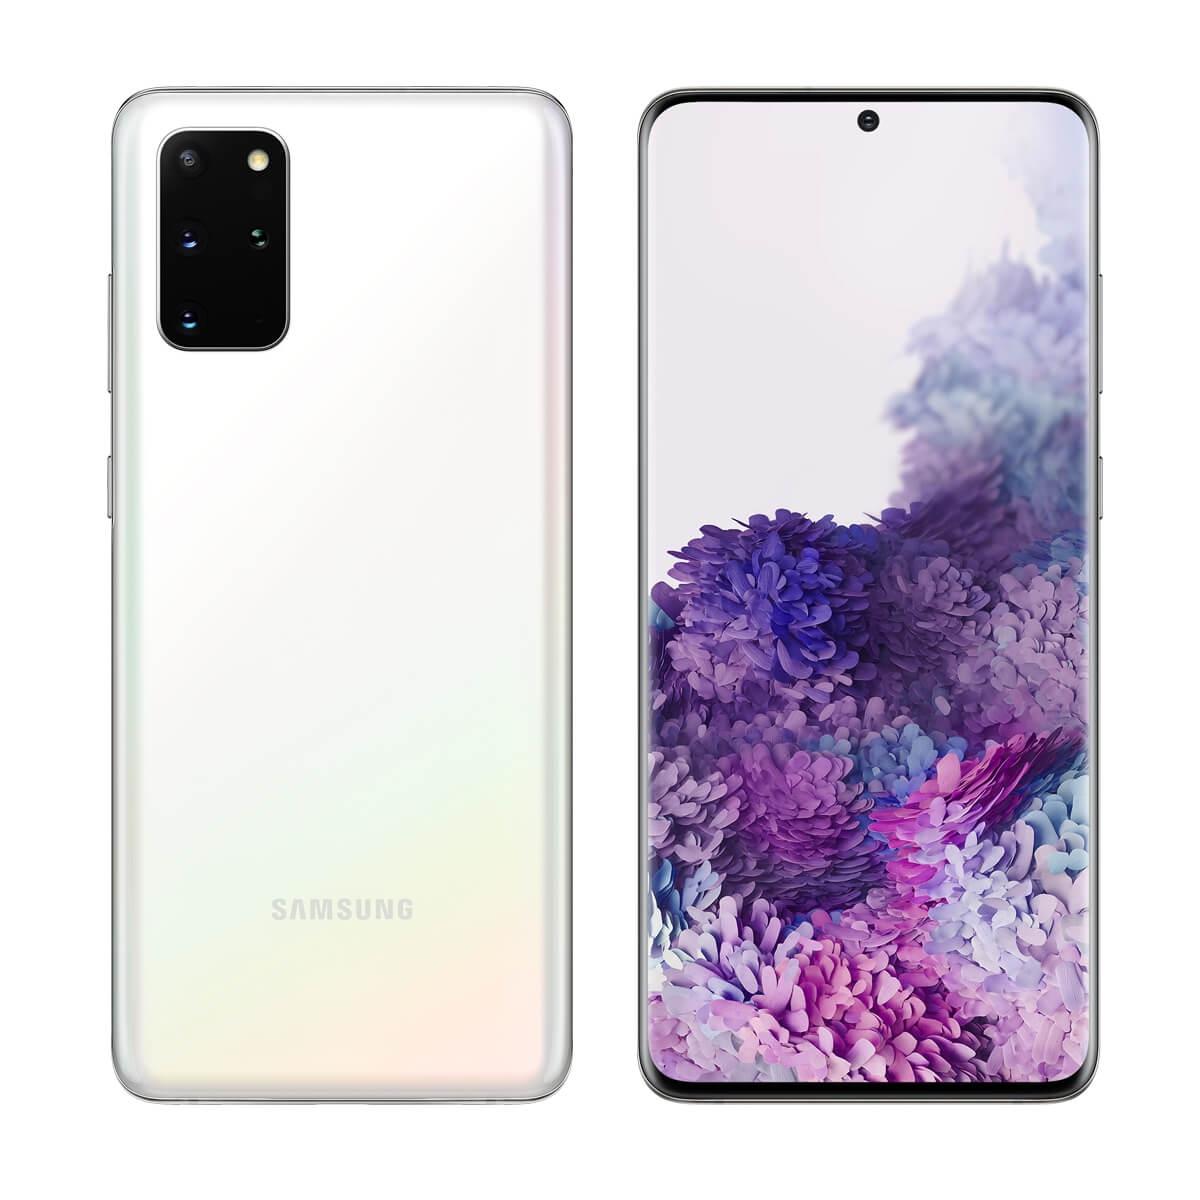 Samsung Galaxy S20 Plus G9860 Dual Sim 12GB RAM 128GB 5G 白 新品 SIMフリースマホ 本体 1年保証